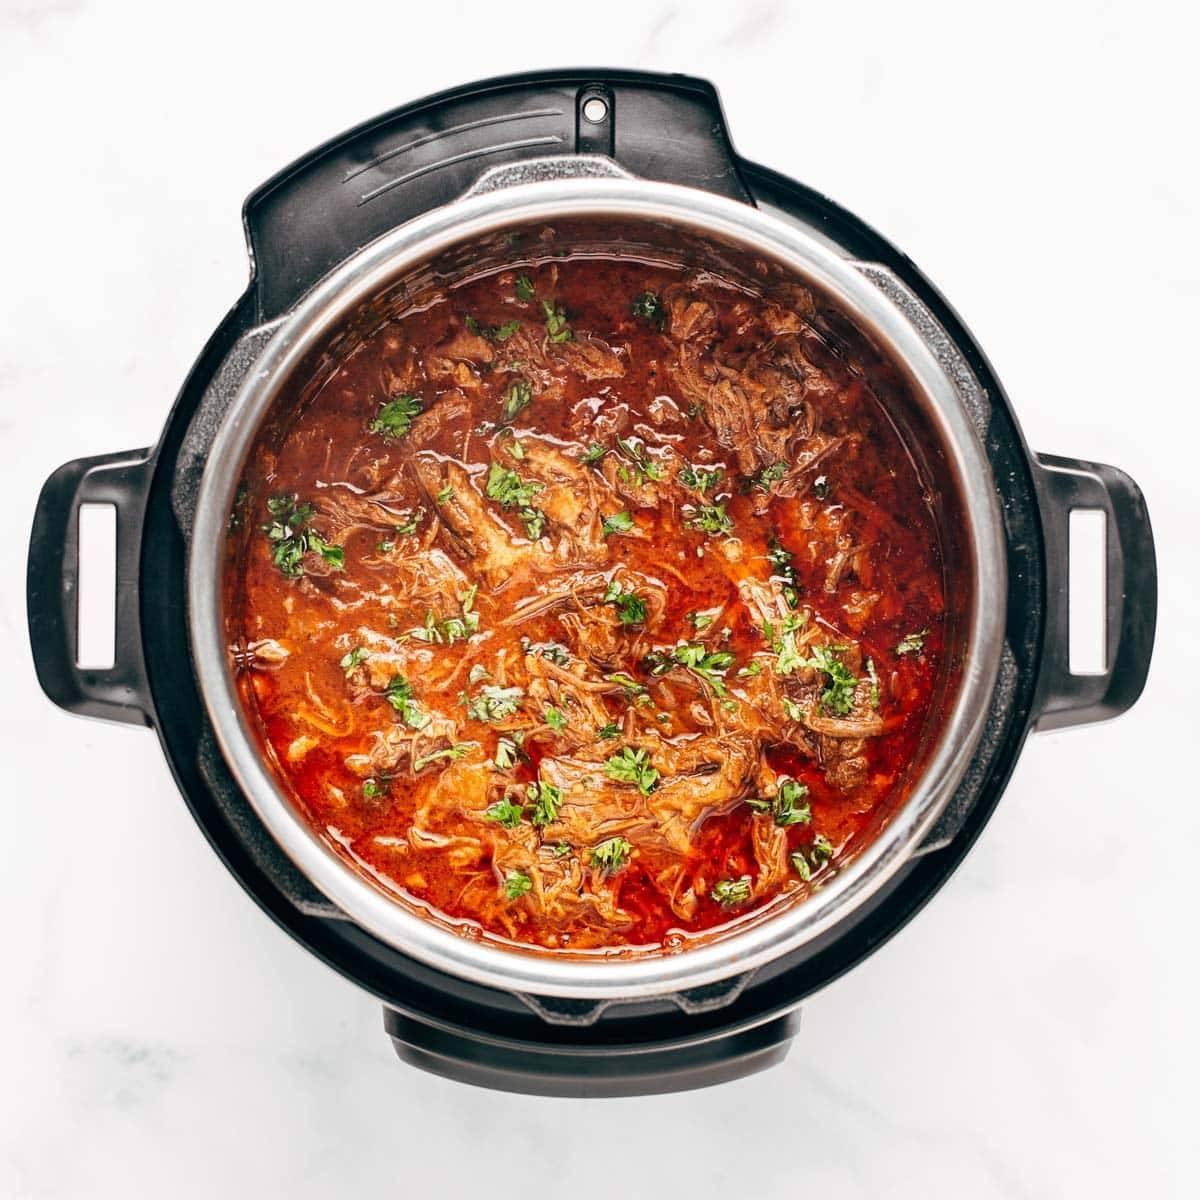 Beef ragu in the Instant Pot.